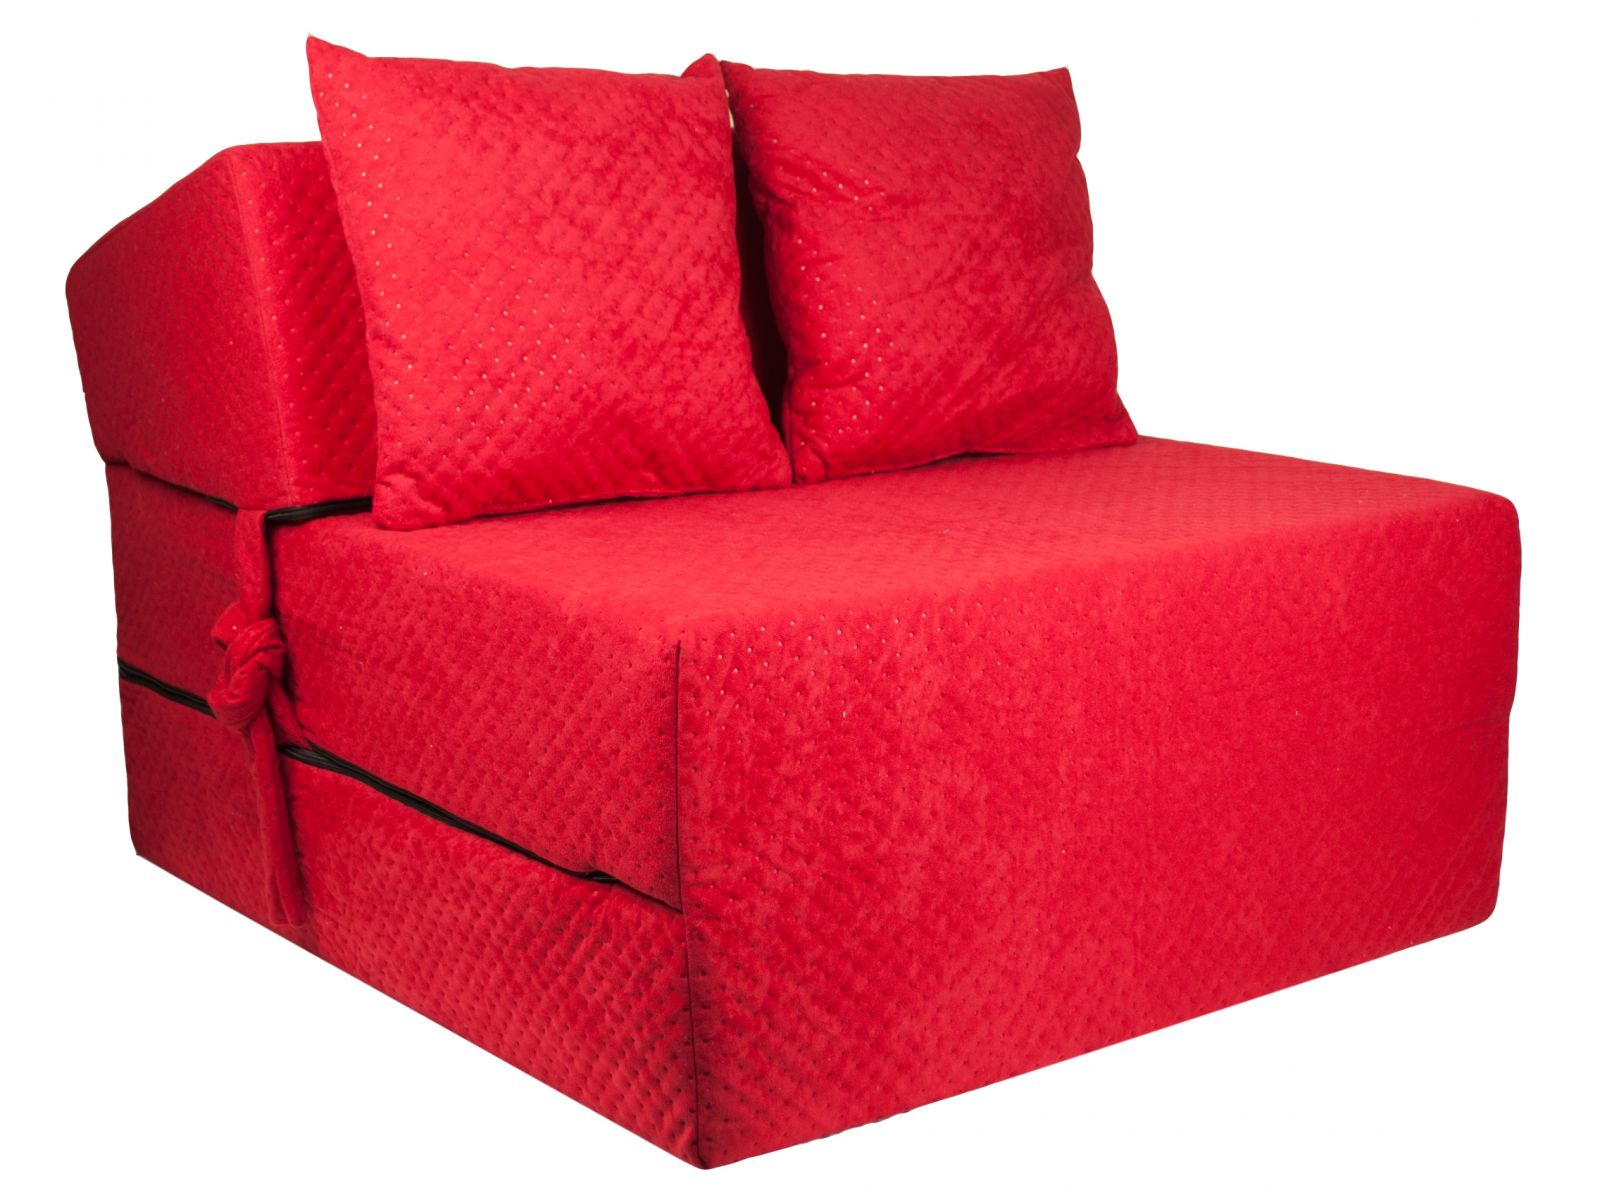 Fimex Rozkládací křeslo - matrace pro hosty Comfort červené